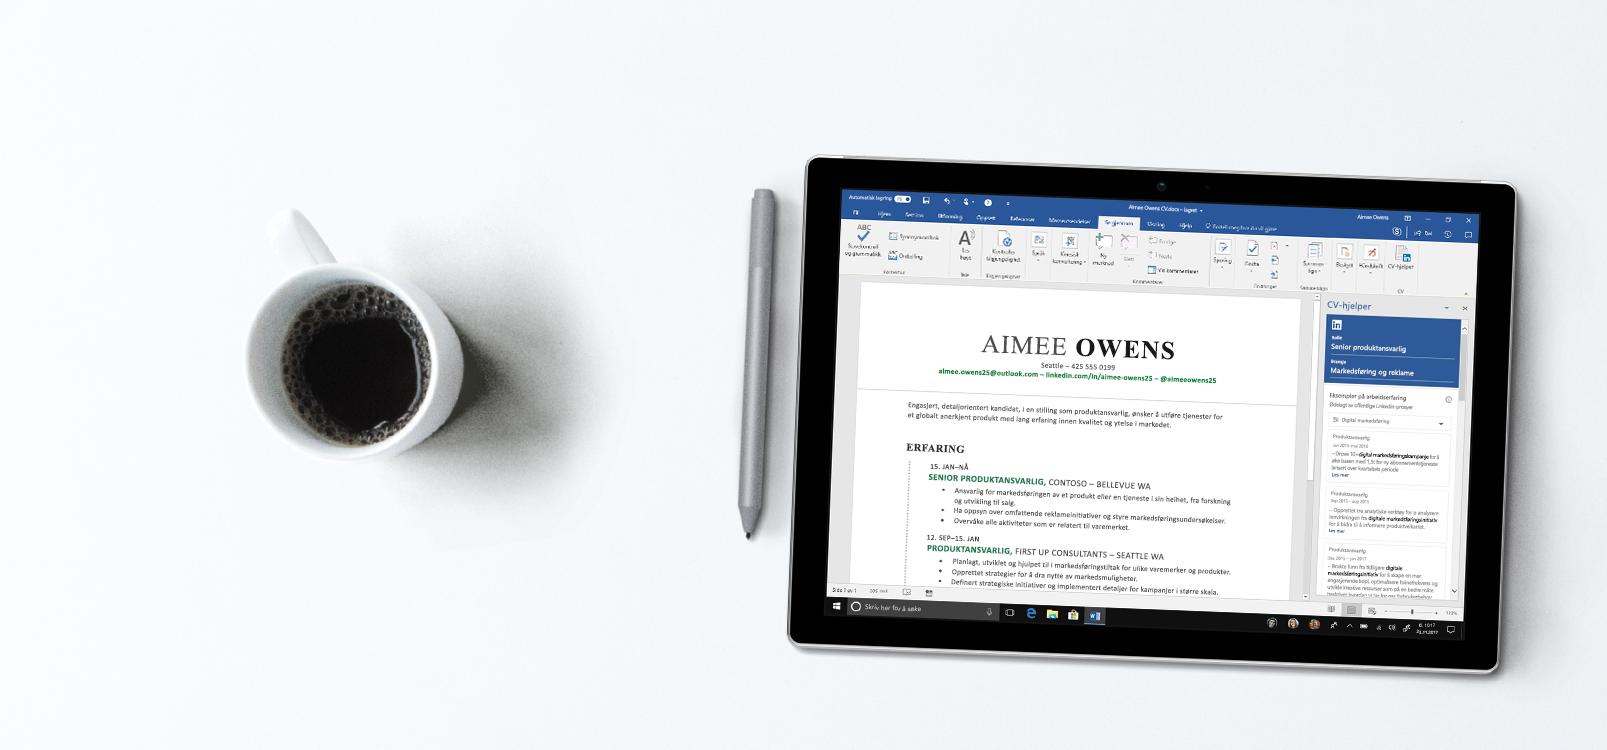 Nettbrettskjerm som viser Word med CV-hjelper-linjen med CV-eksempler på høyre side.